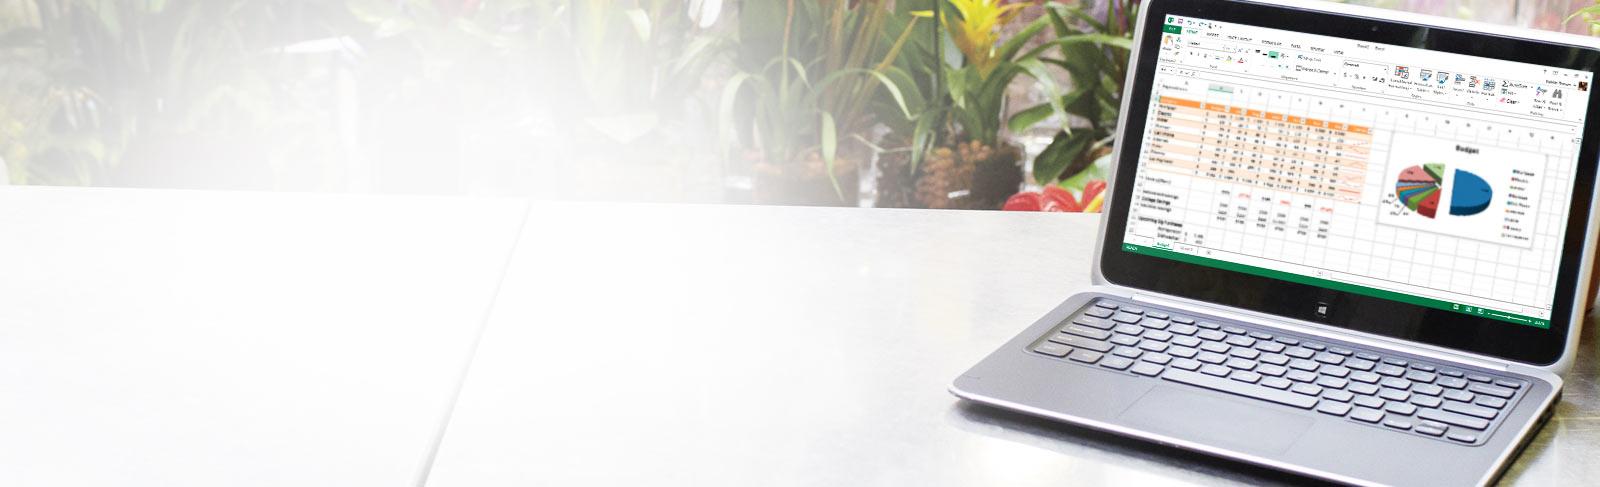 Prenosný počítač, na ktorom sa zobrazuje tabuľkový hárok MicrosoftExcelu sgrafom.